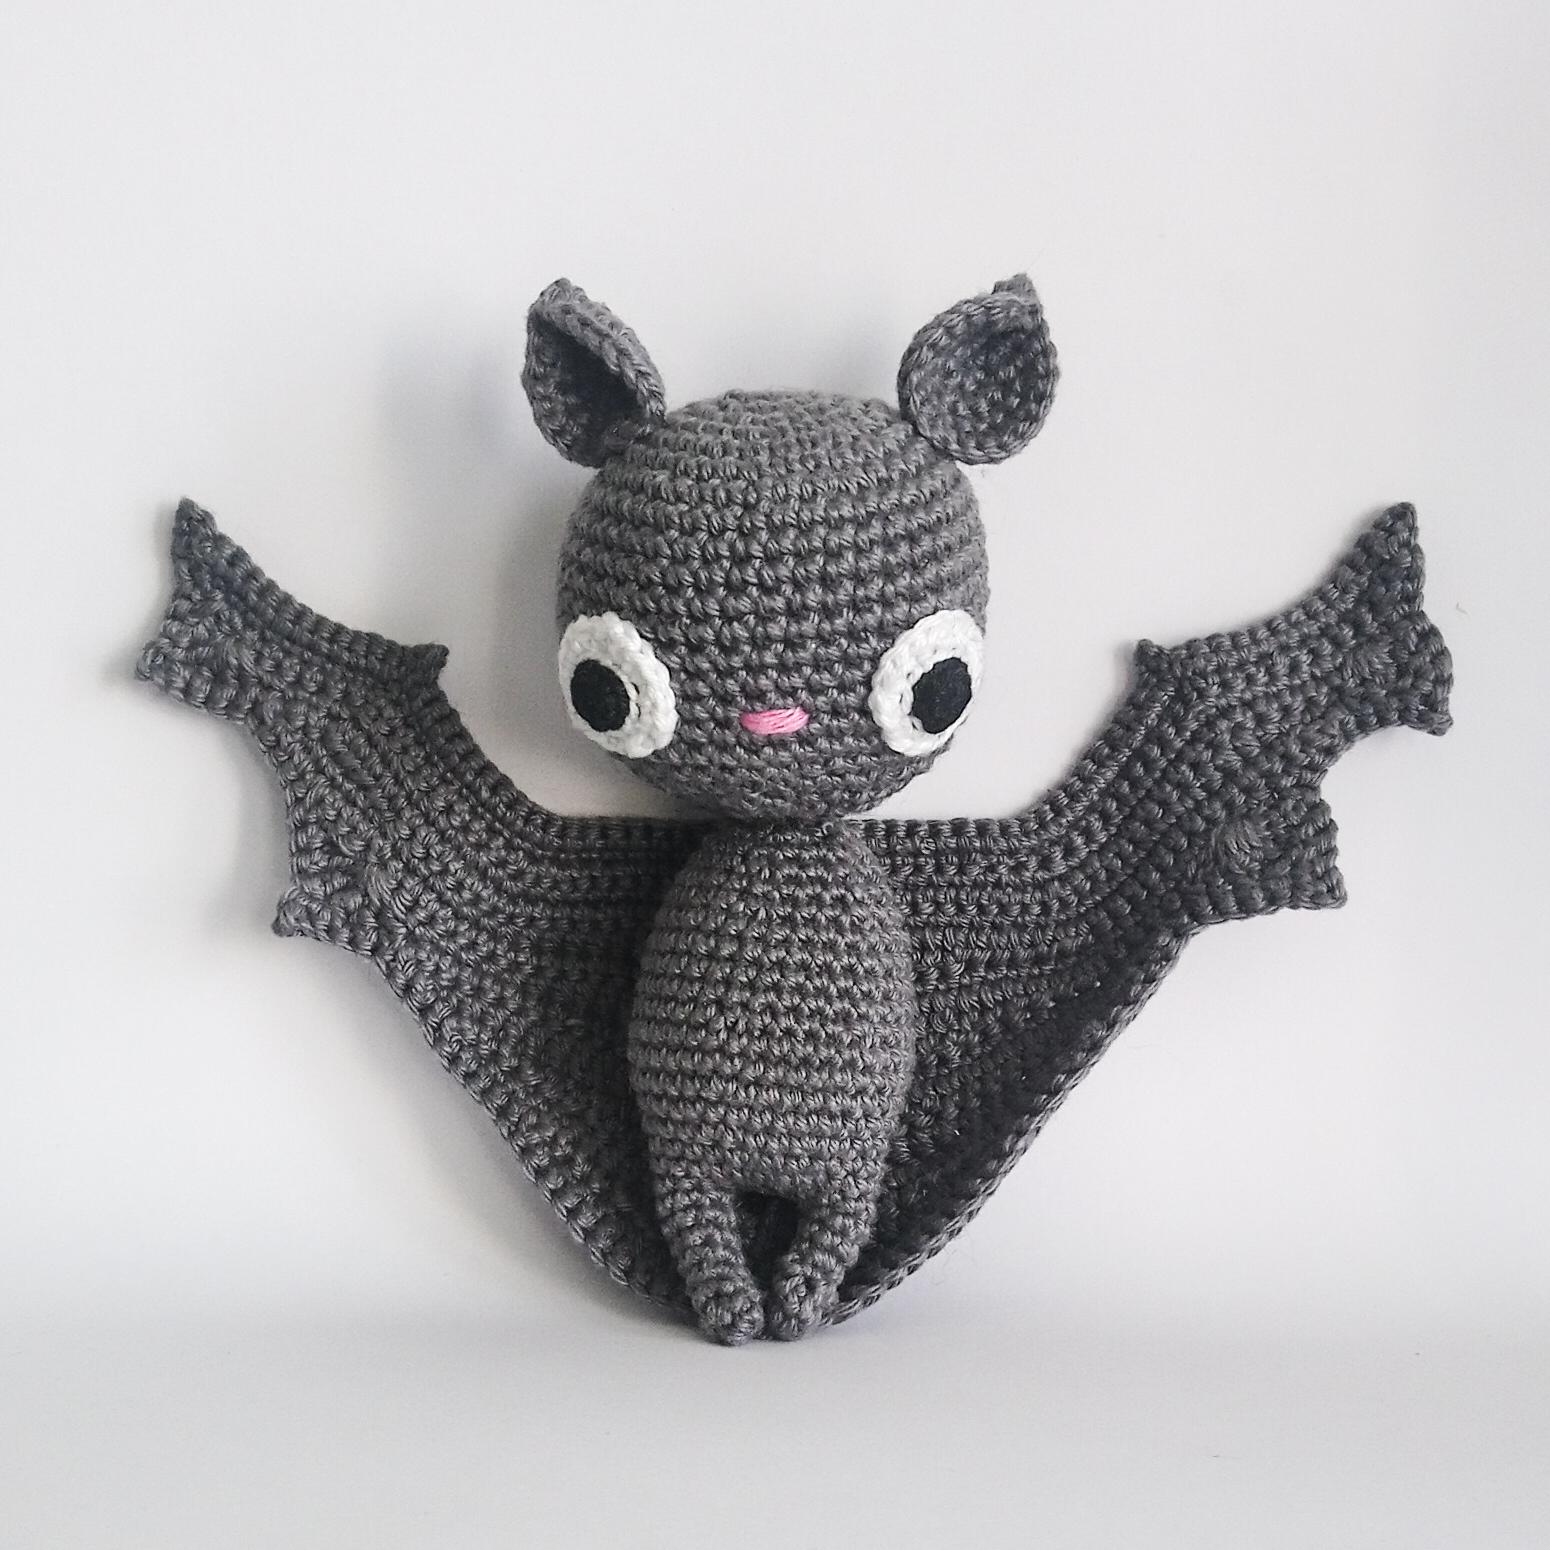 Batilda the bat